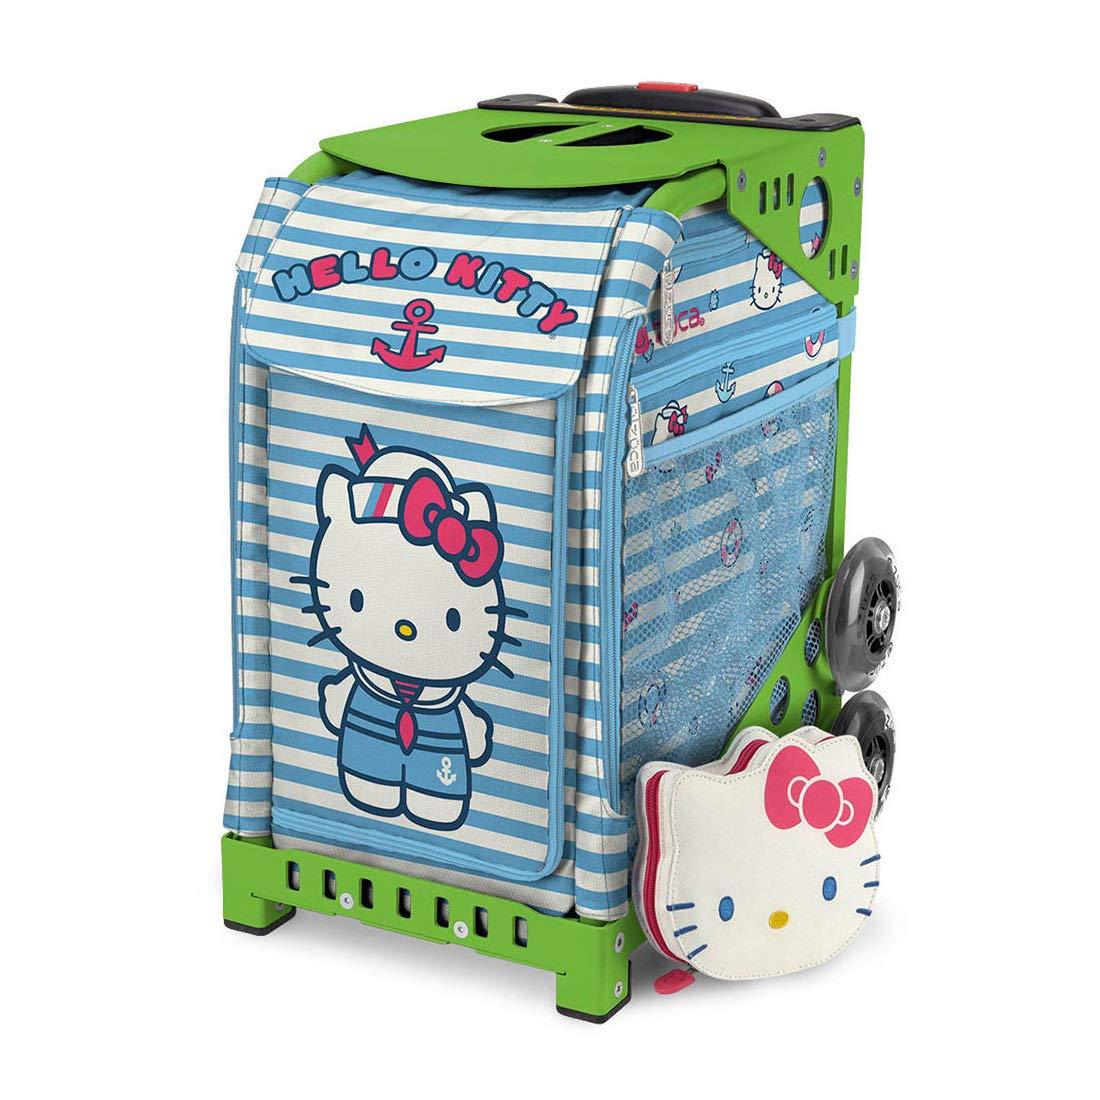 ズーカ スポーツ ハローキティ セイルウィズミー Green <ZUCA SPORT Hello Kitty Sail With Me>   B079CZDVLP